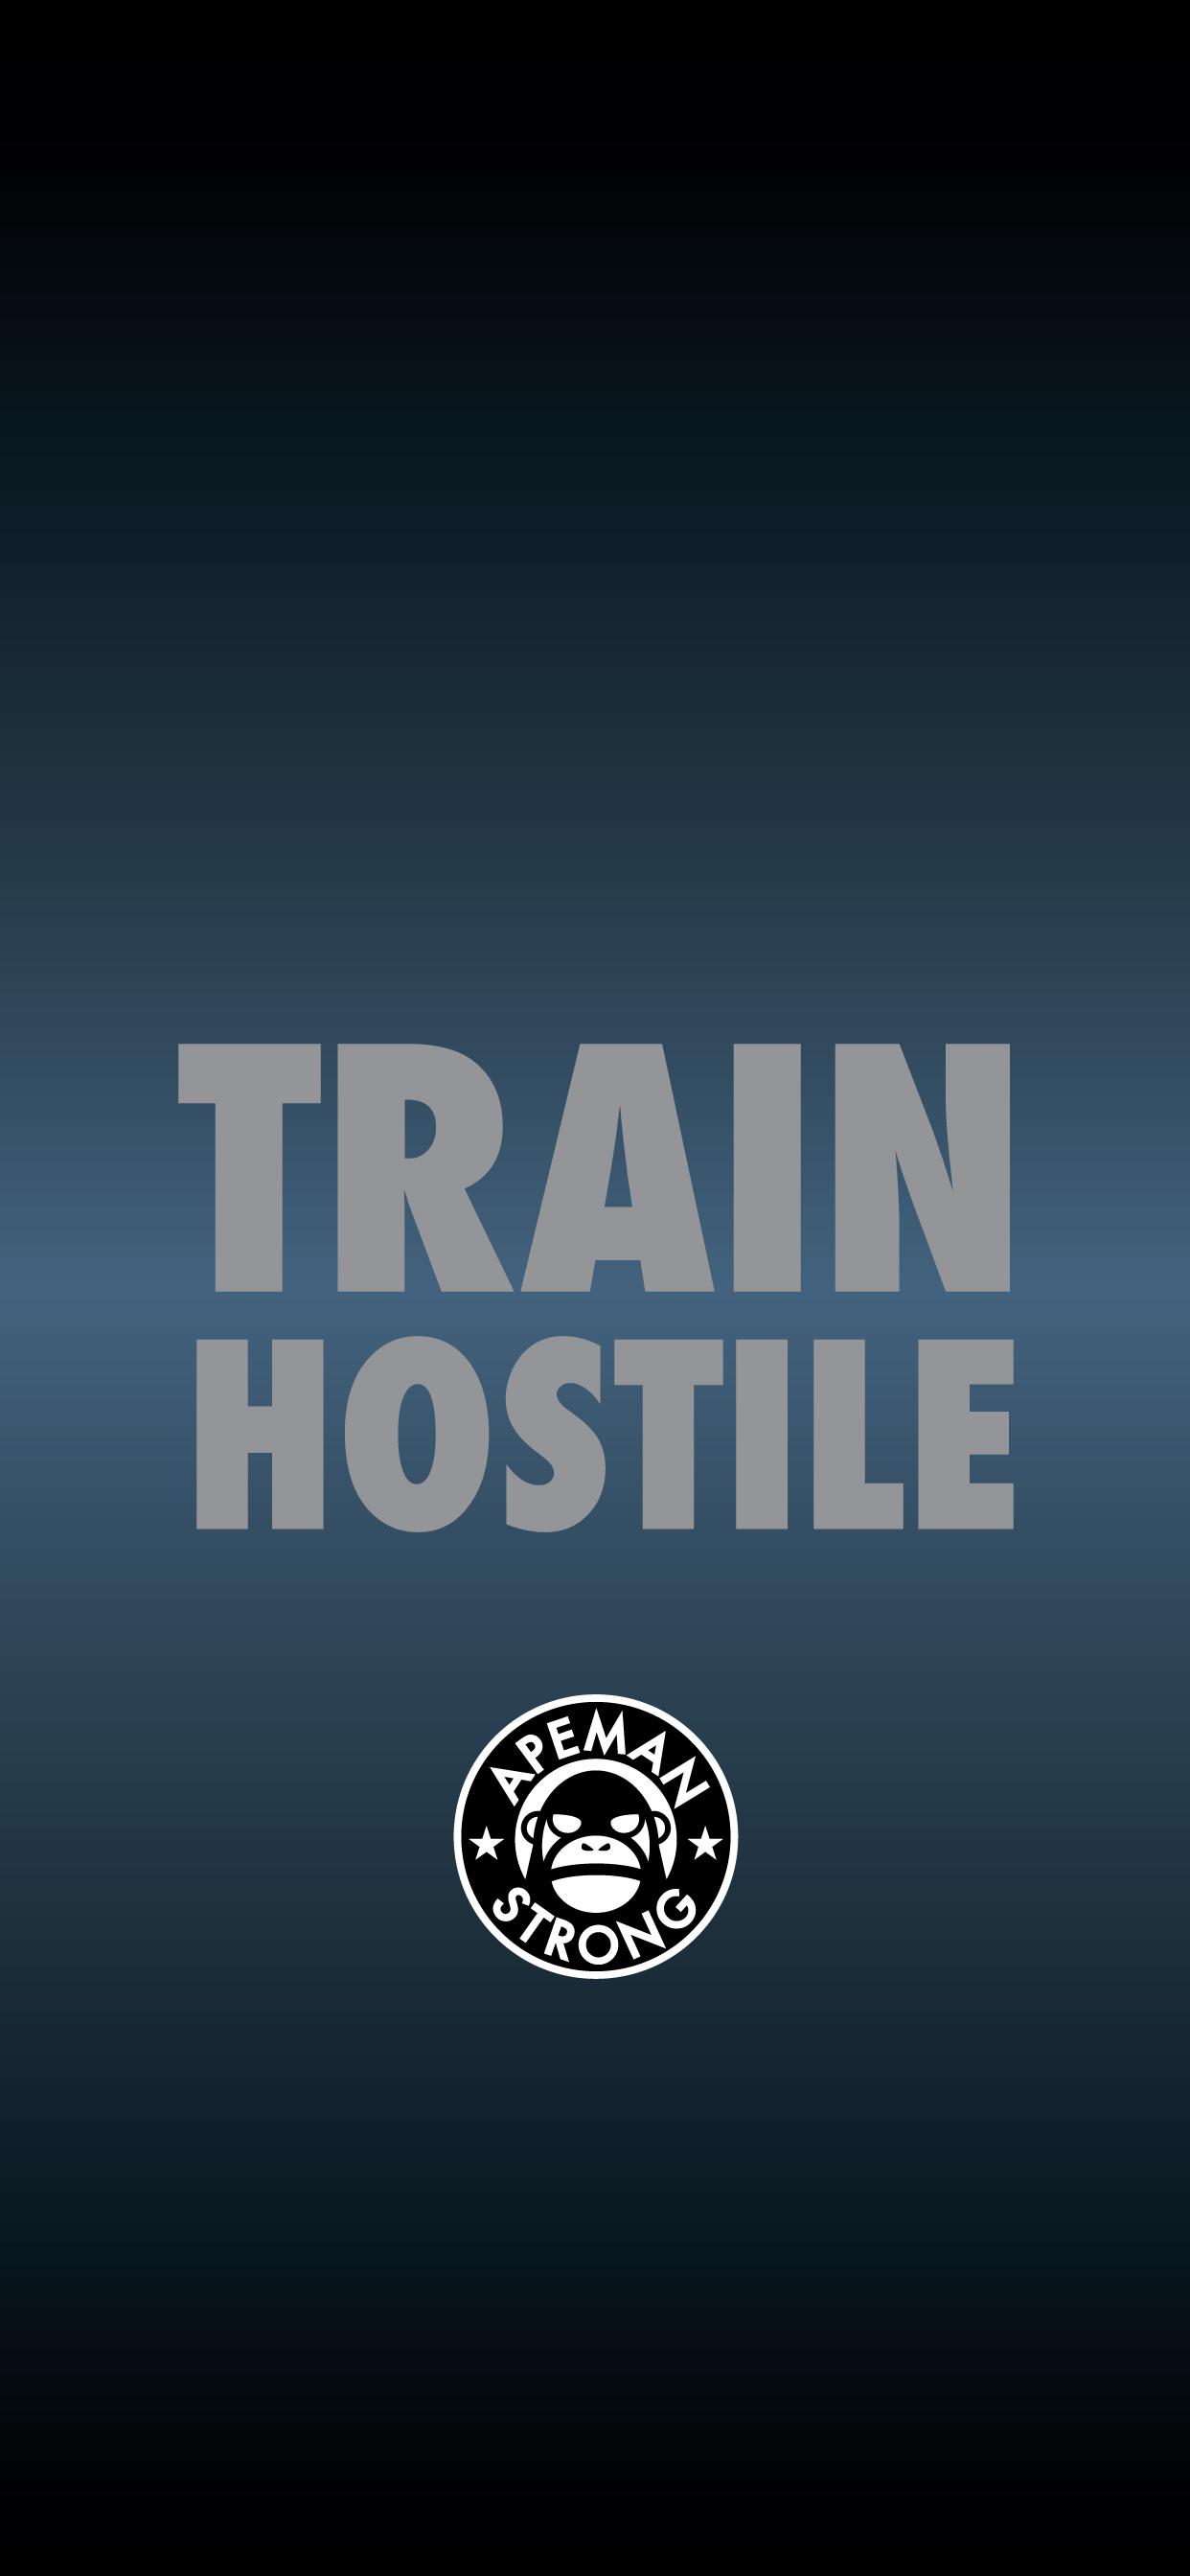 TRAIN-HOSTILE.jpg